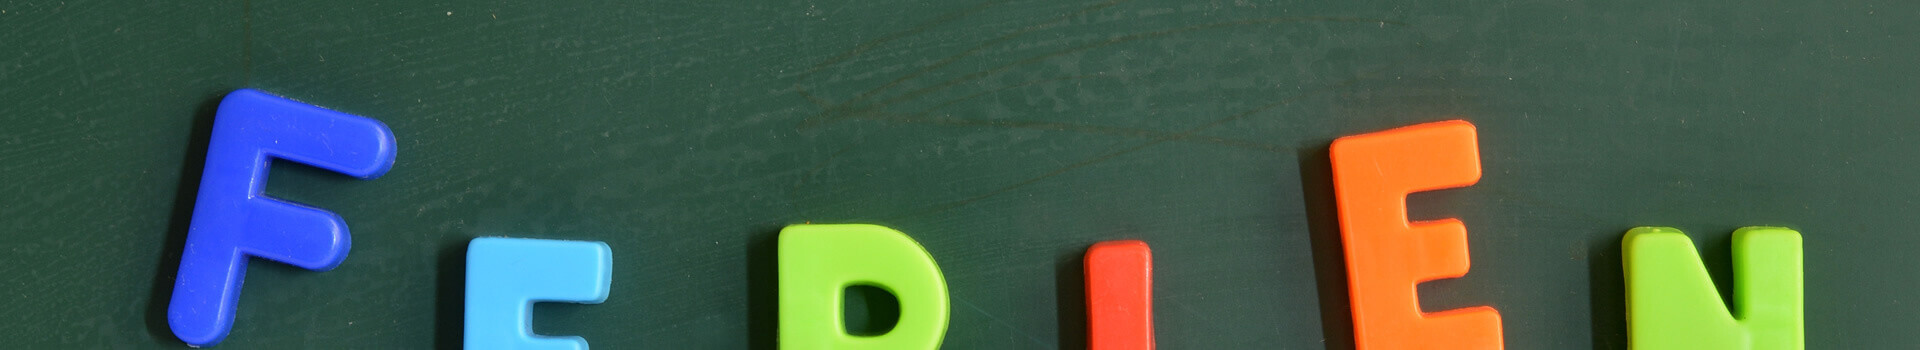 ▷ ANLEITUNG: Magnettafel selbst gestalten | schrittweise erklärt 🔍